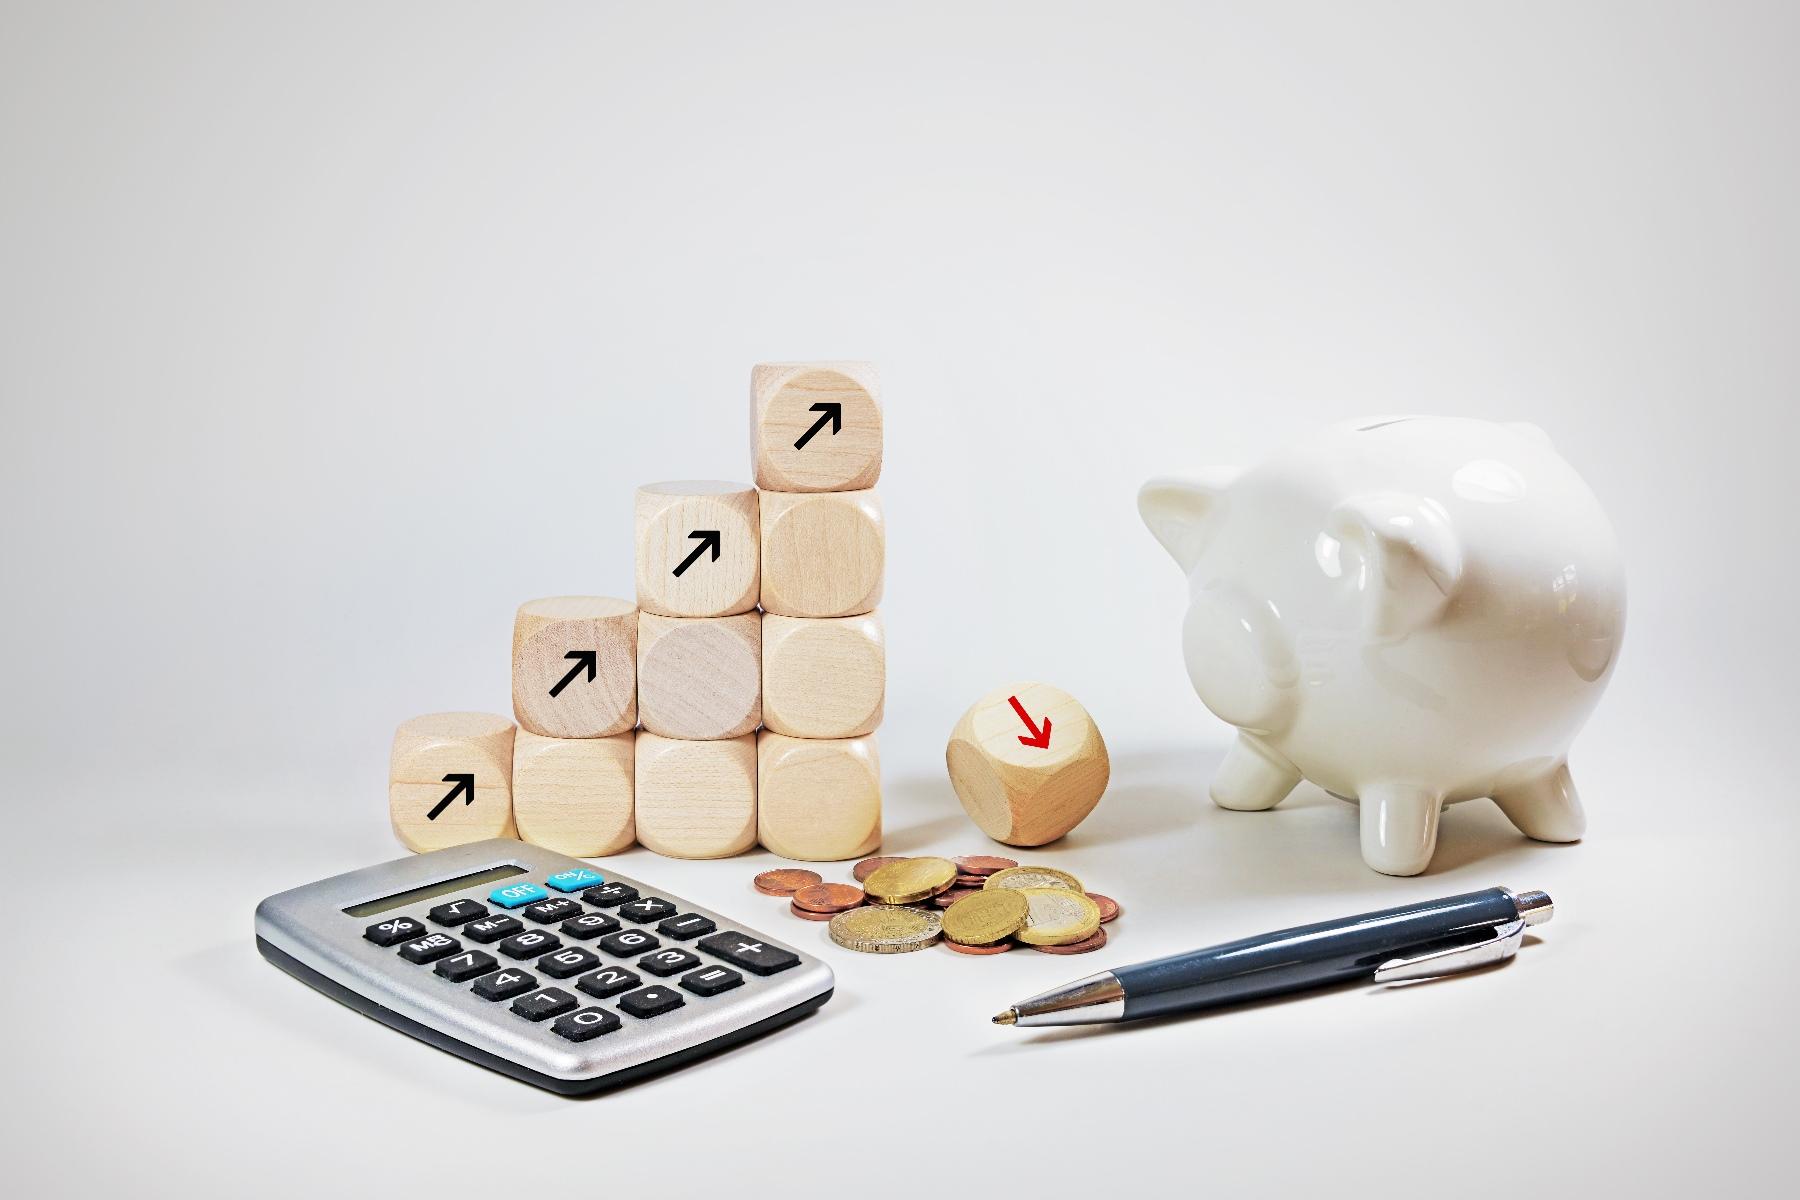 Aktuelle Fragestunde | #Landesfinanzen: Konjunkturpaket, Verschuldung, Autonomie